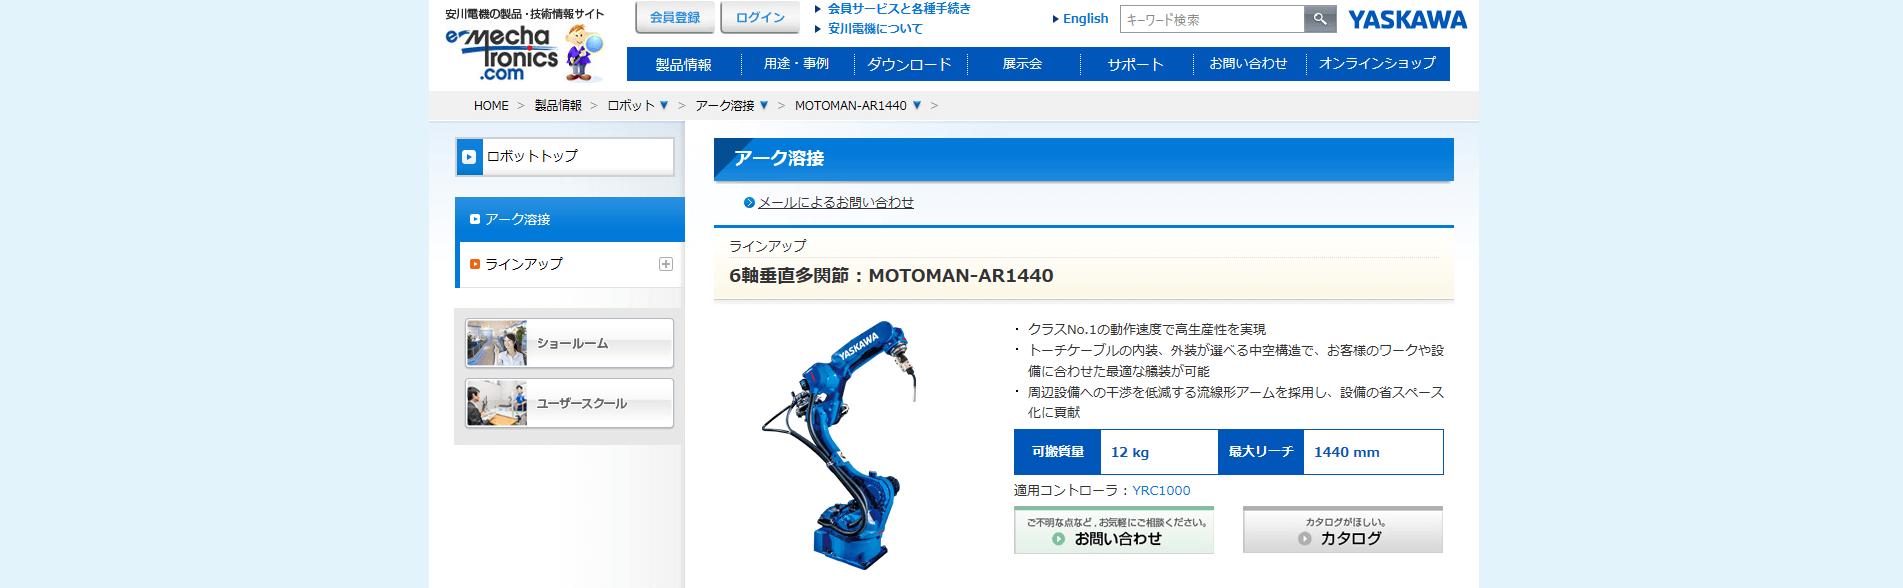 MOTOMAN-AR1440